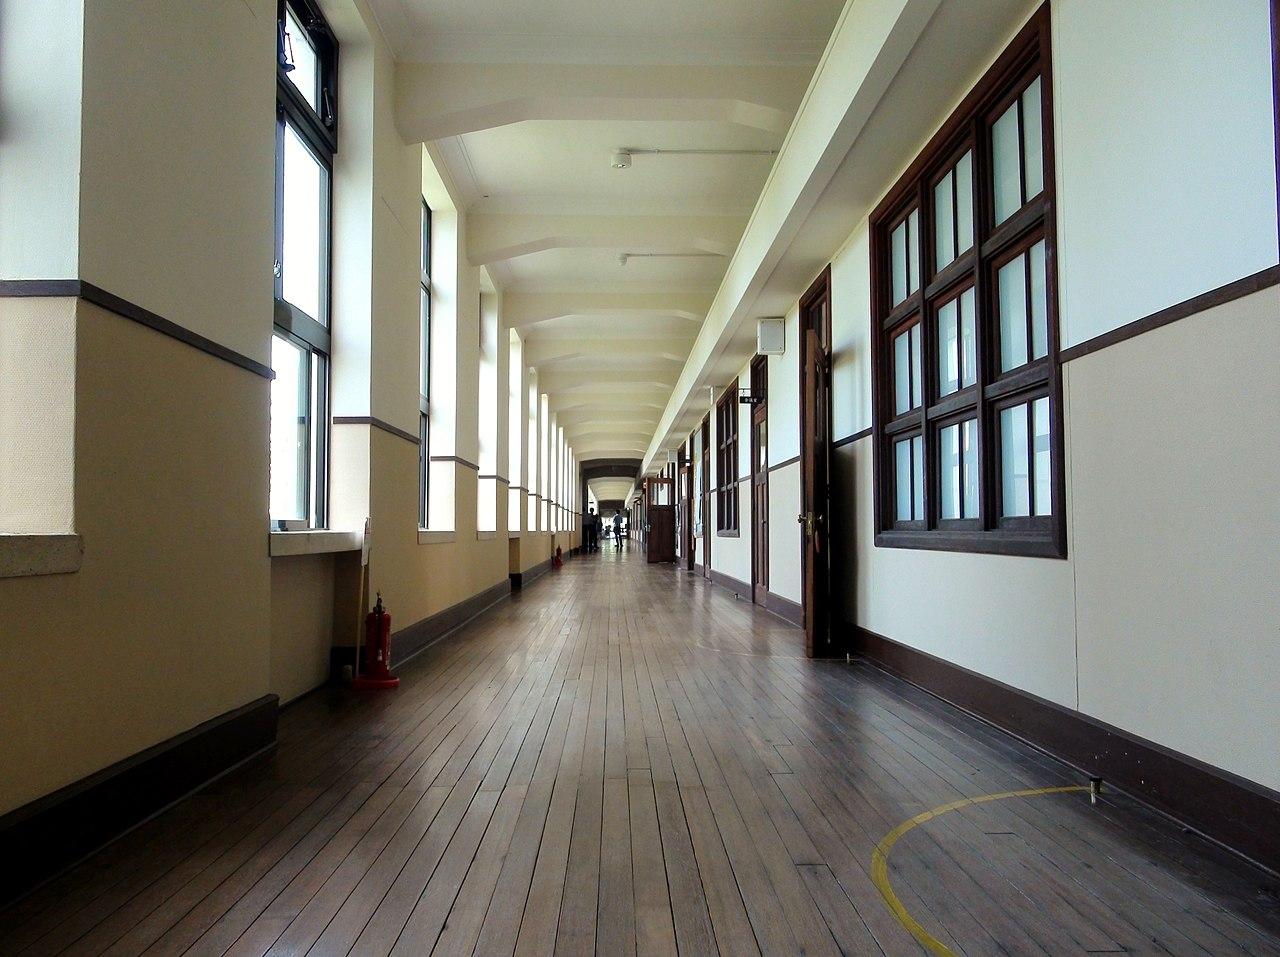 Apartment building hallway design joy studio design for Apartment design wikipedia